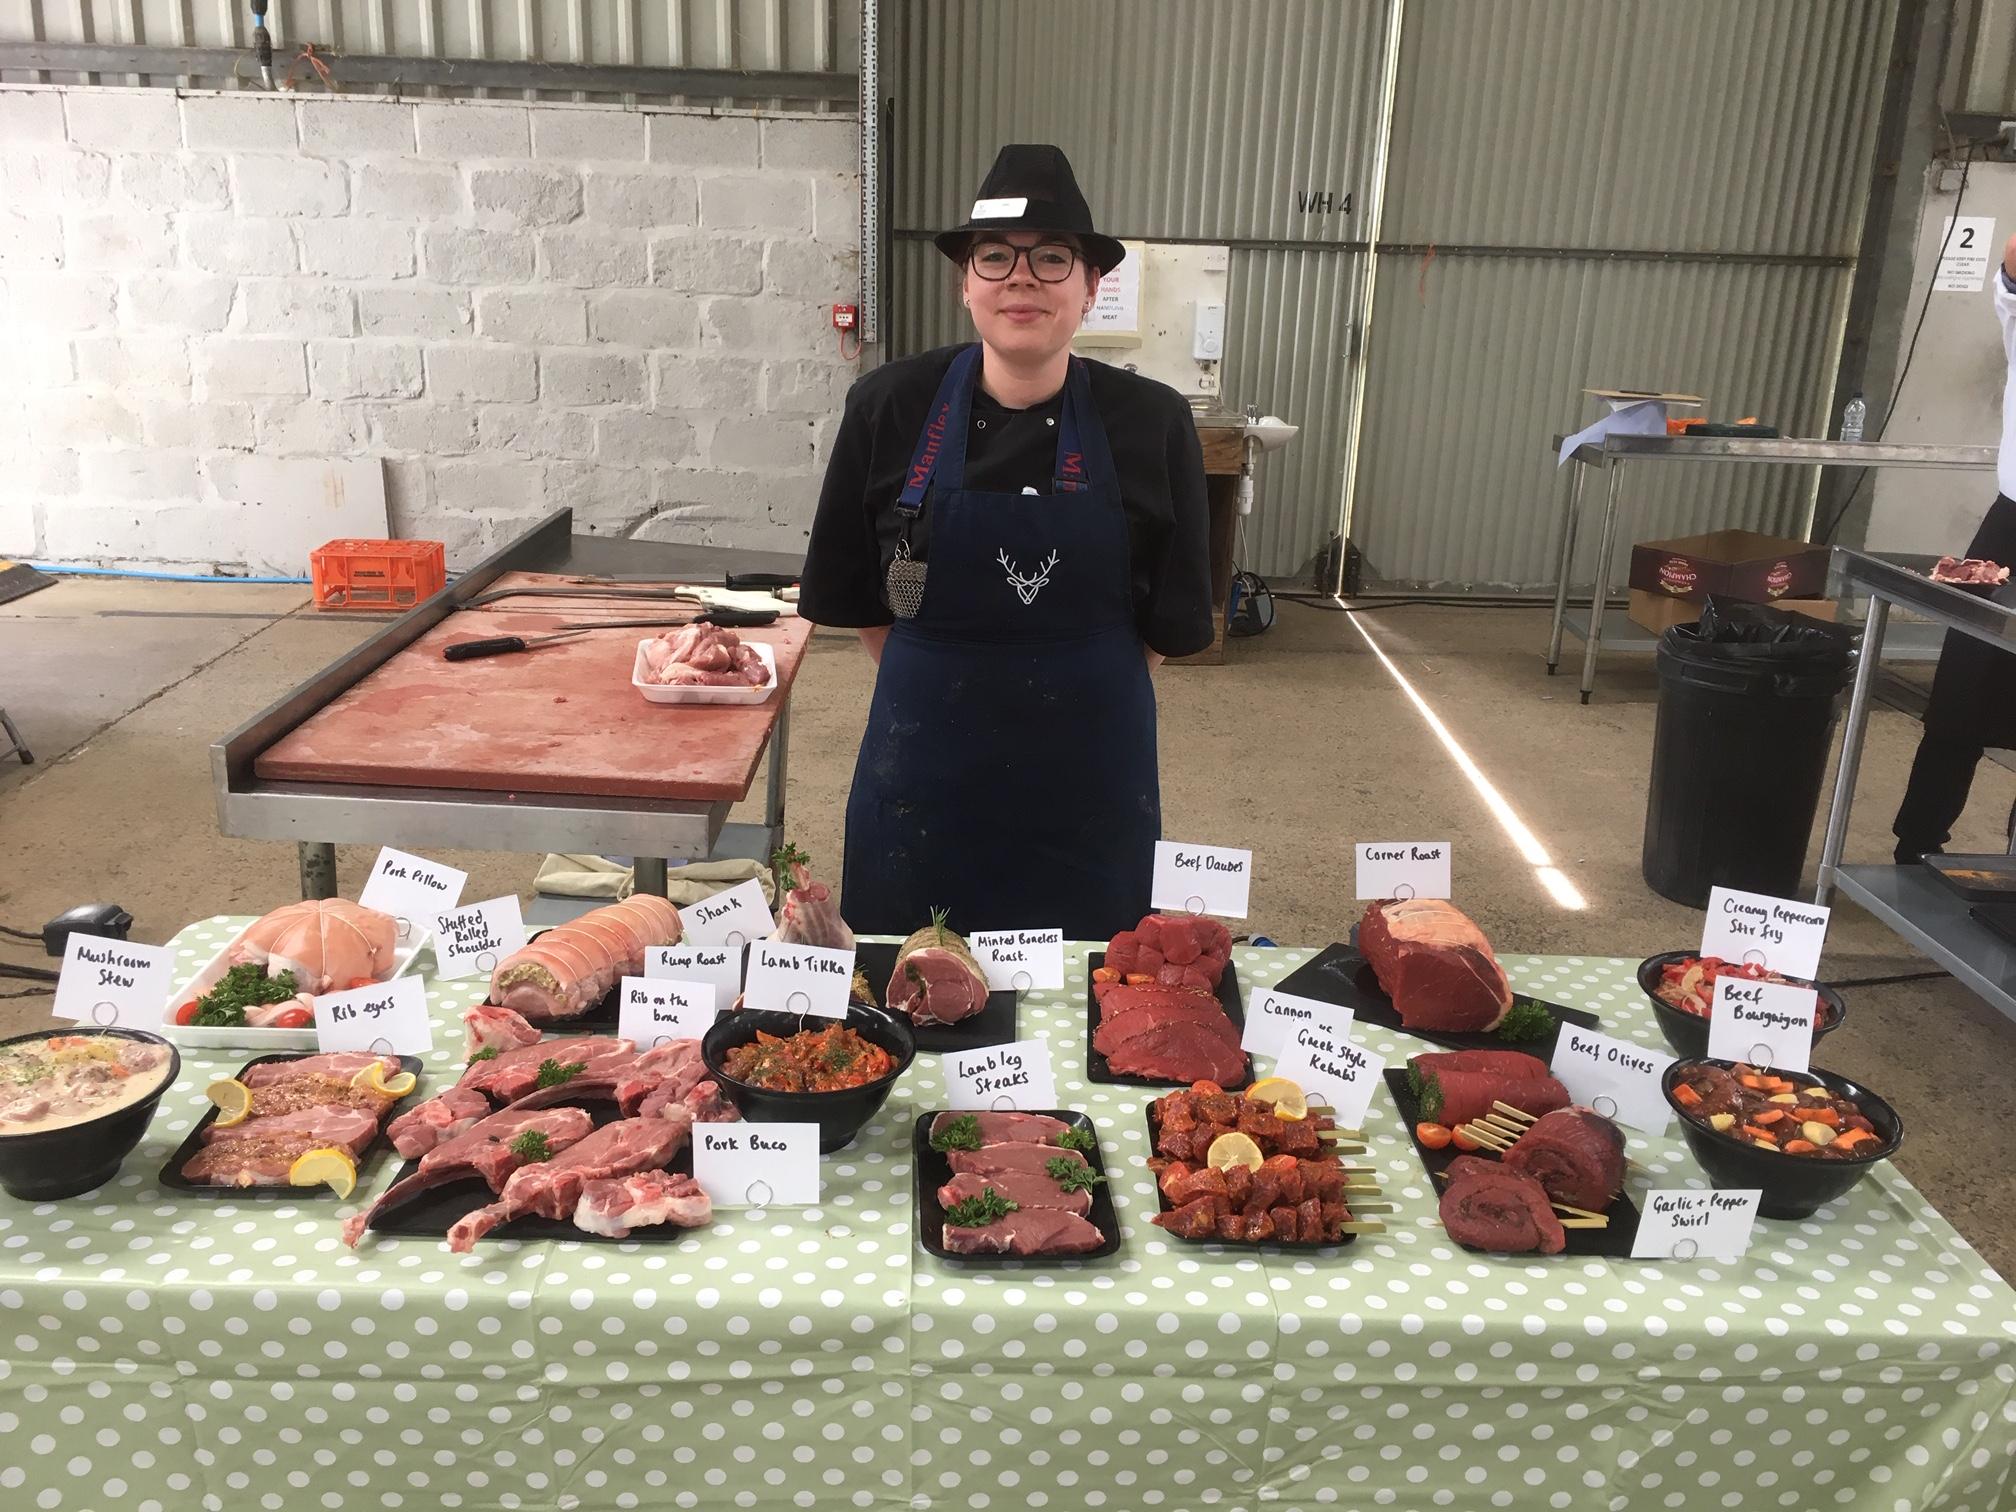 Jess Pugh, Ludlow Farm Shop